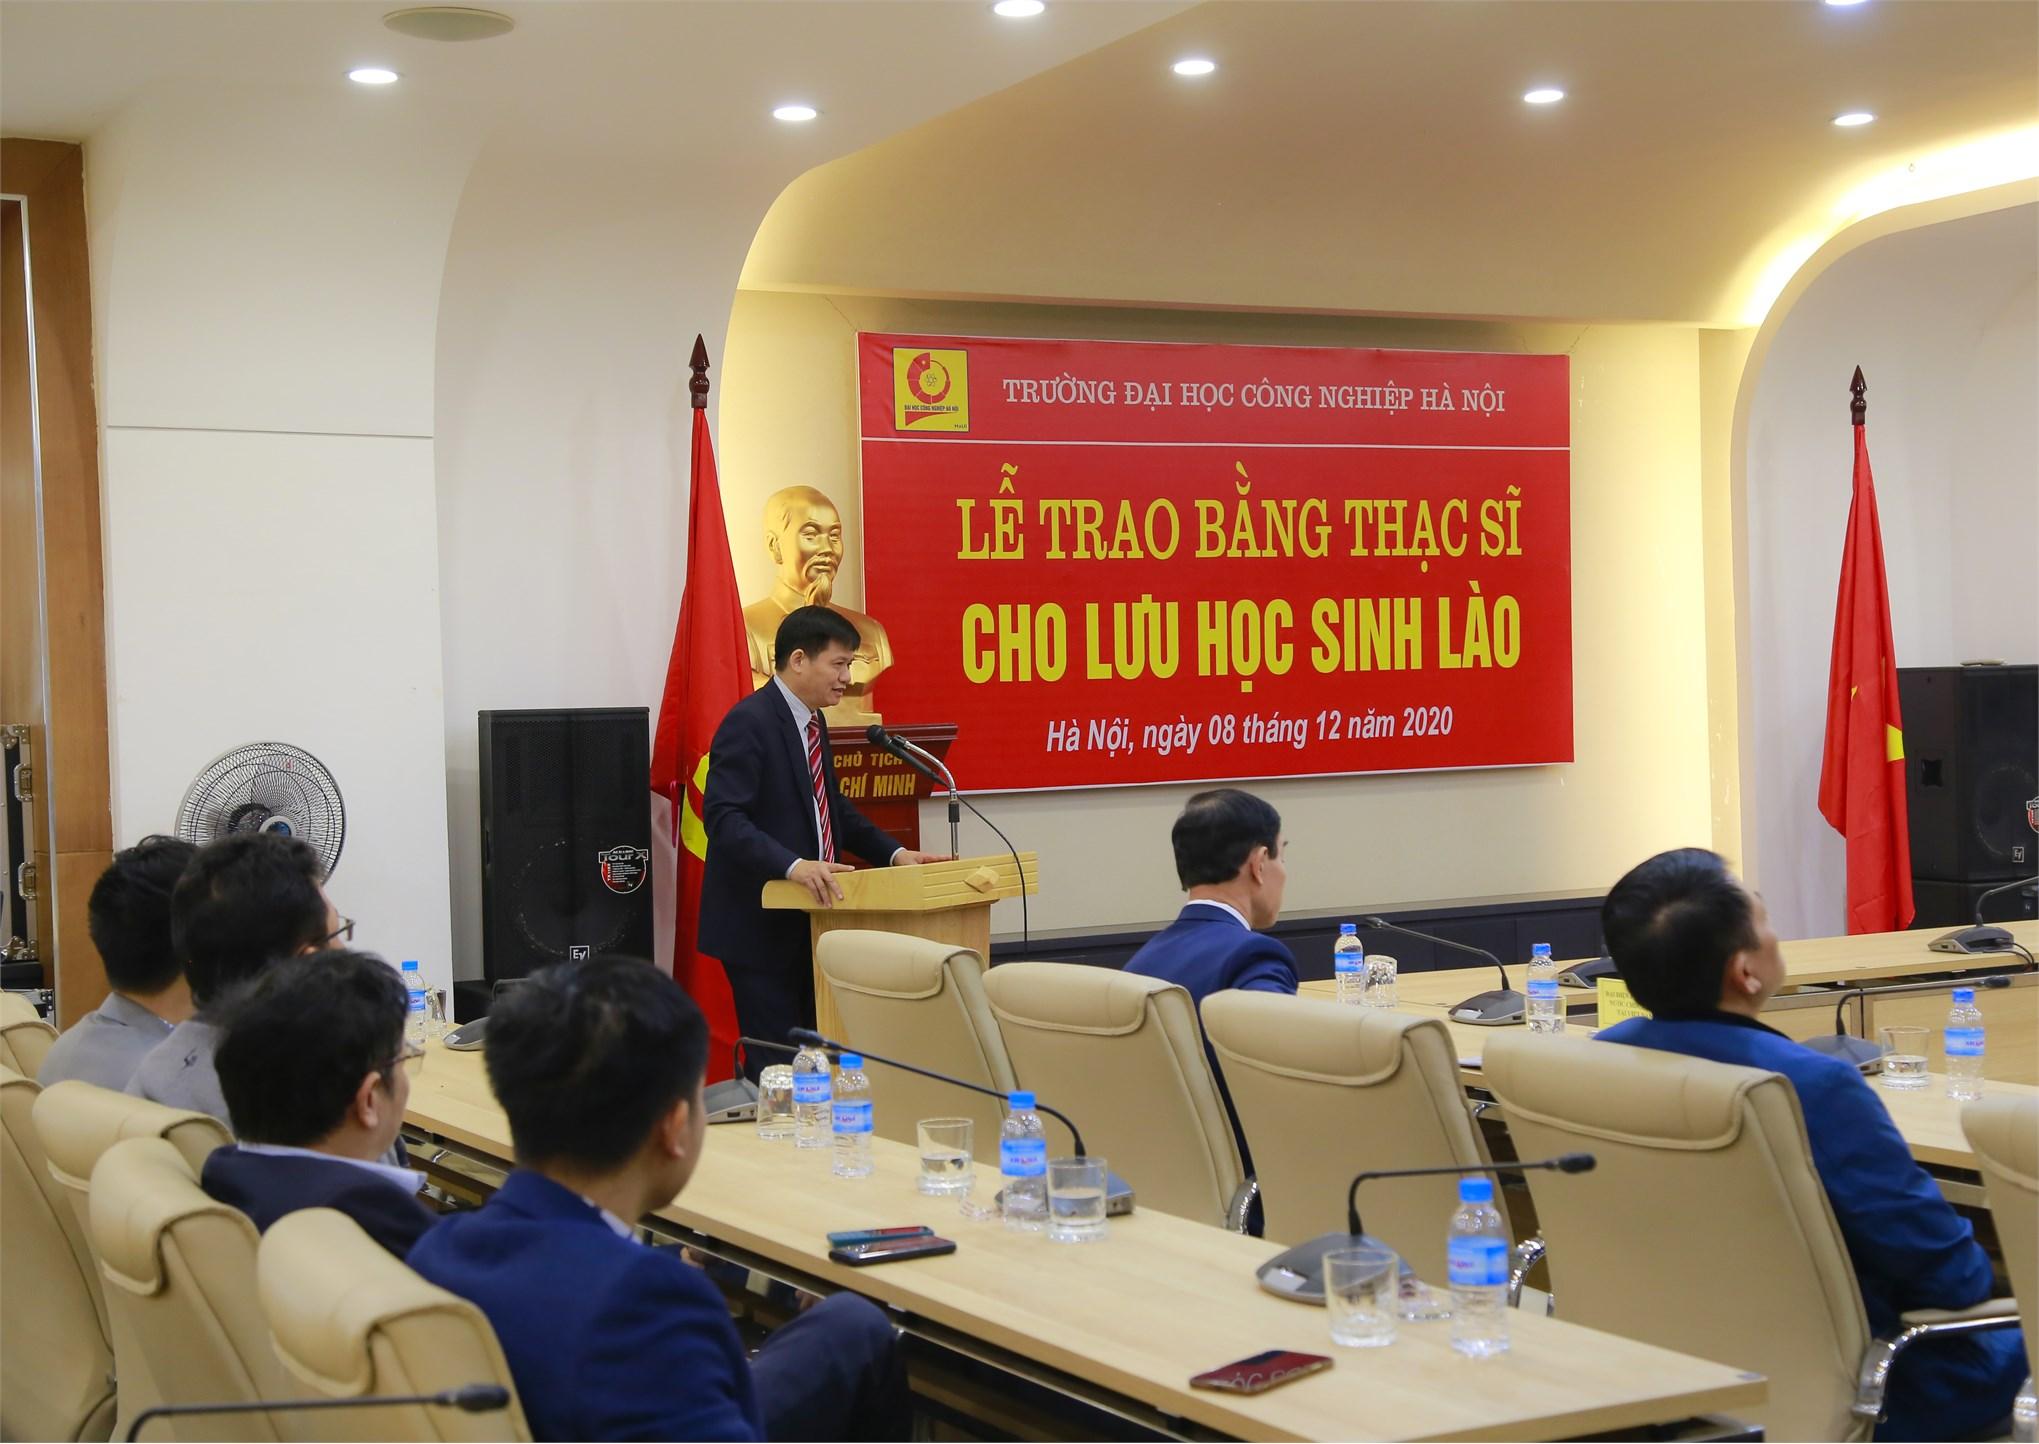 Lễ Trao bằng thạc sĩ cho Lưu học sinh Lào năm 2020